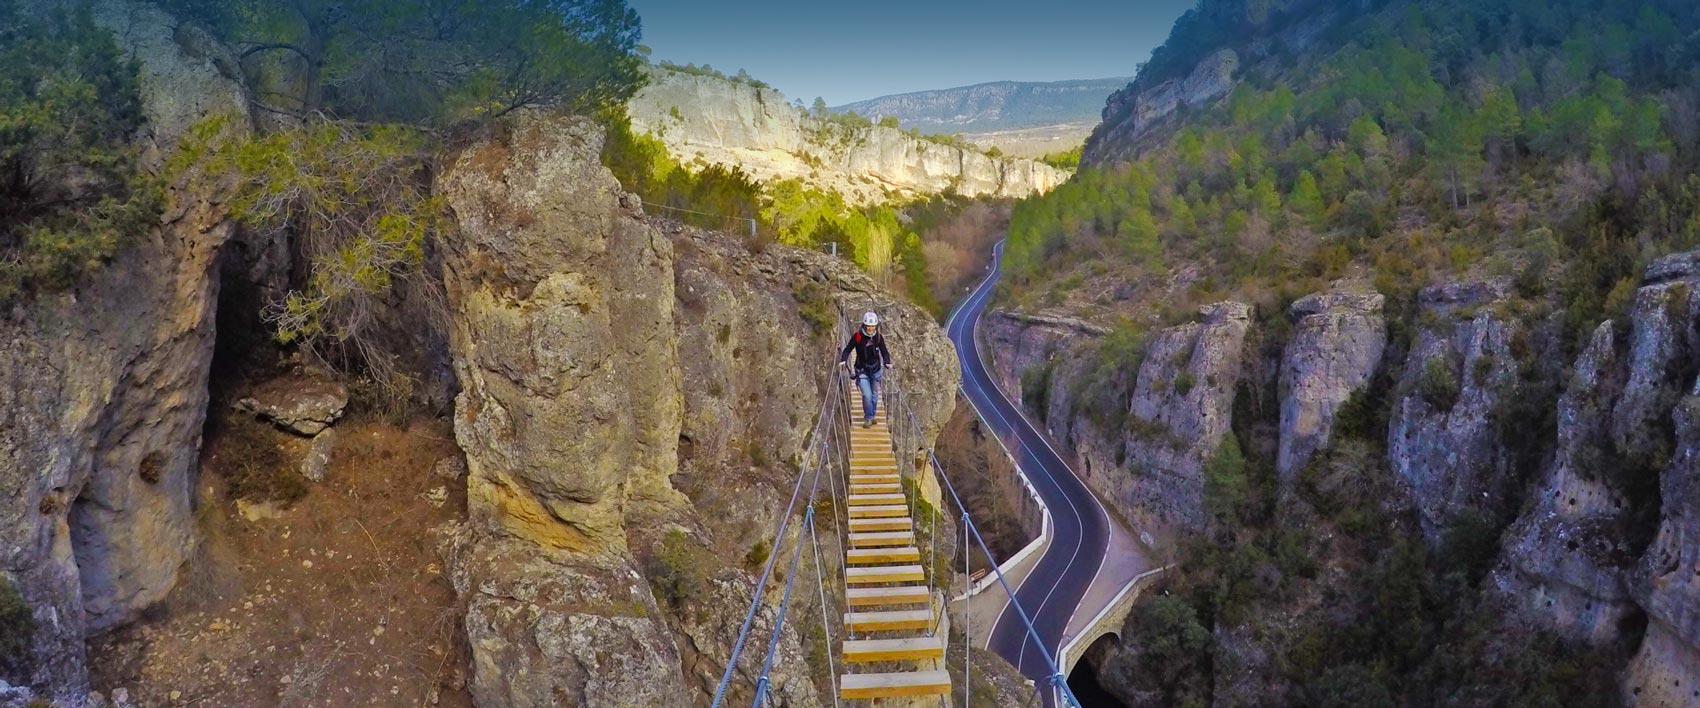 Nueva vía Ferrata de Priego en Cuenca, cerca de Madrid